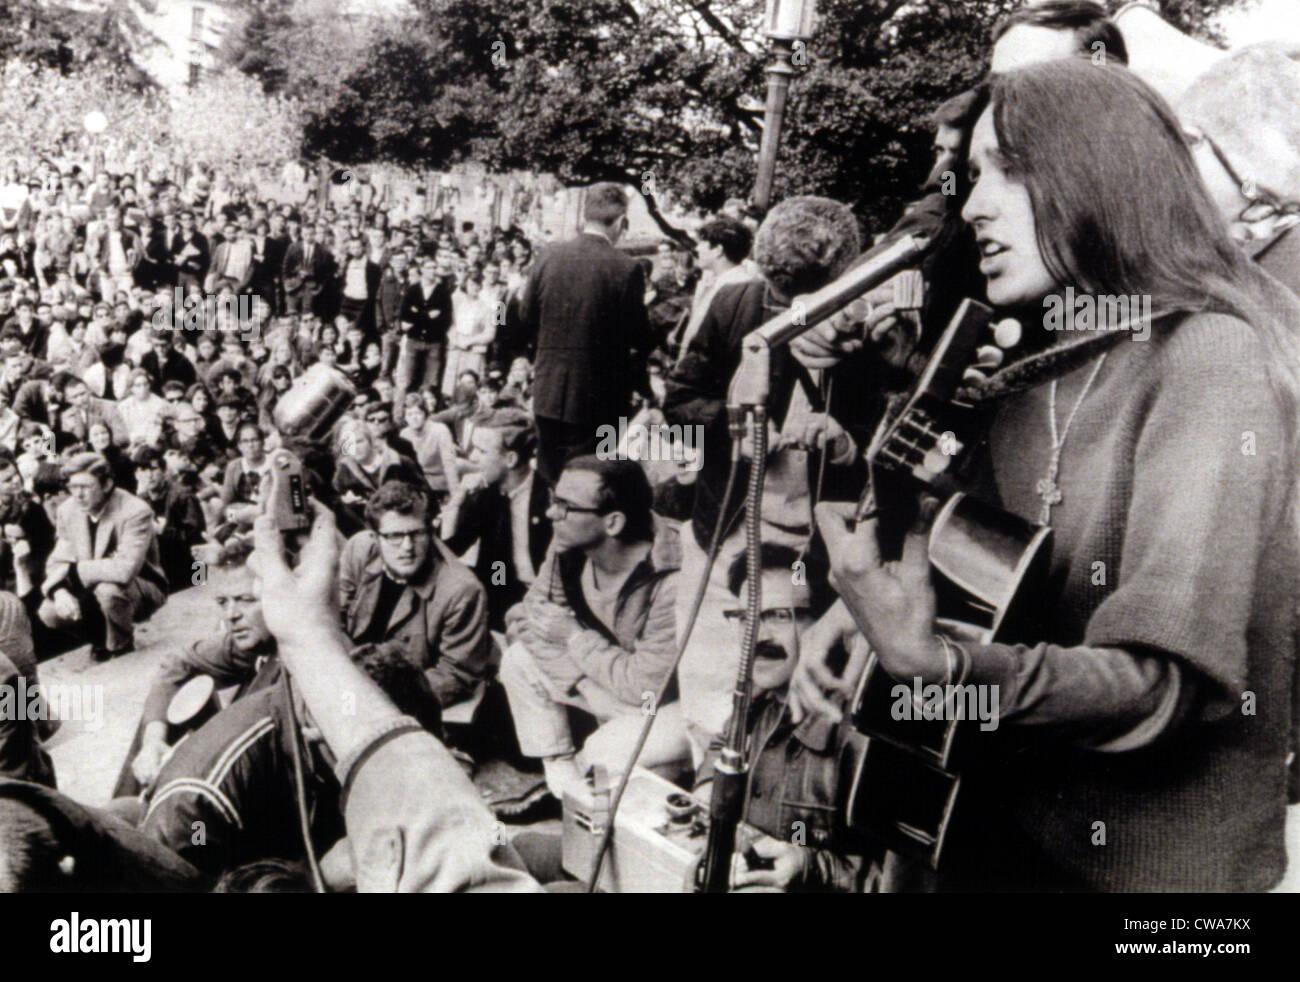 02.12.64 BERKELEY, Calif.: Folk-Sängerin Joan Baez spielt Gitarre und singt Freiheitslieder bei einem Sitzstreik Stockbild